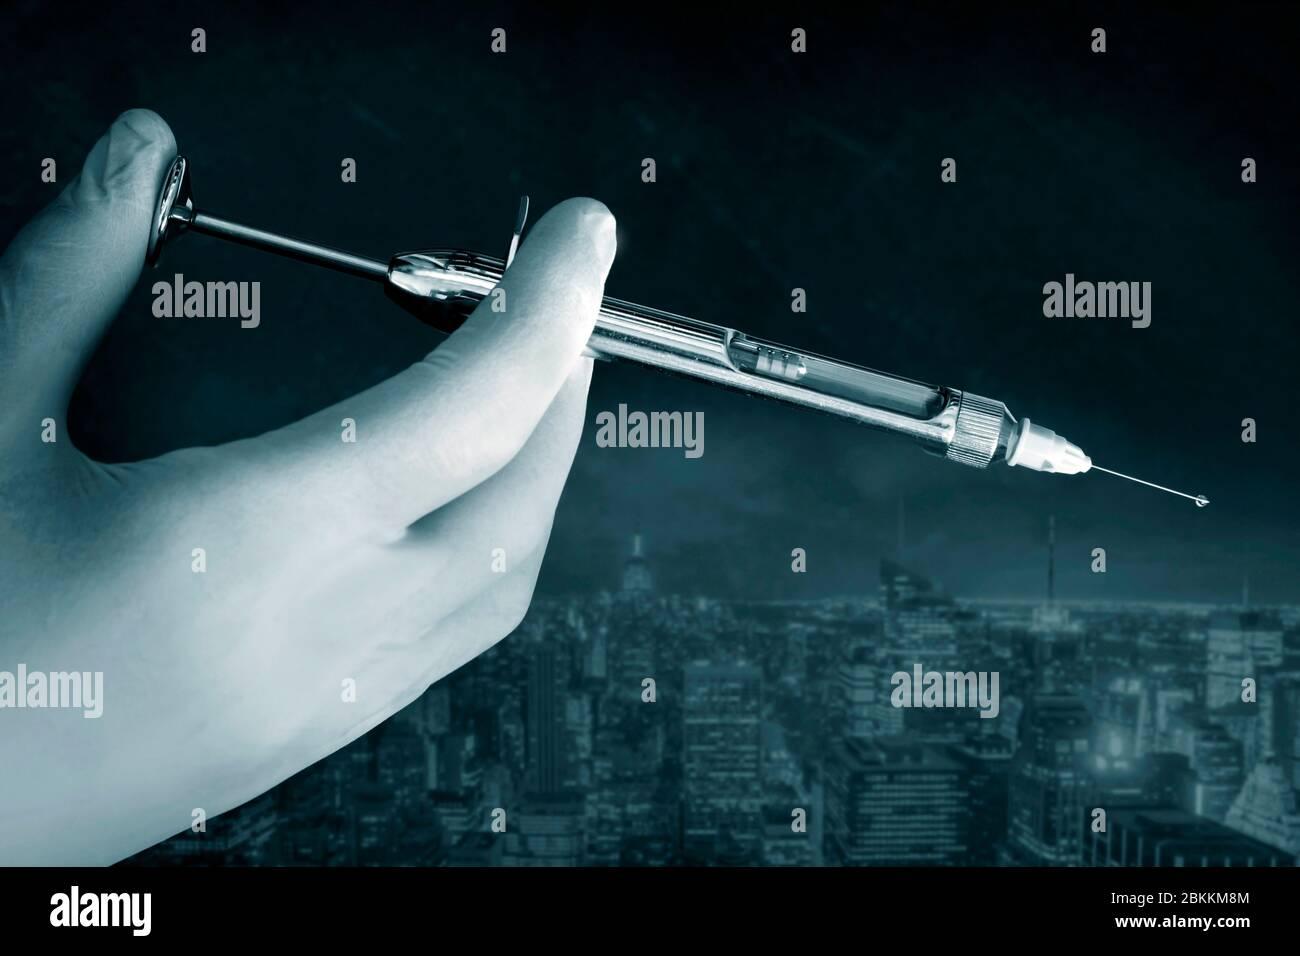 La main du médecin dans un gant blanc tient la seringue avec le jet de préparation de l'aiguille Banque D'Images